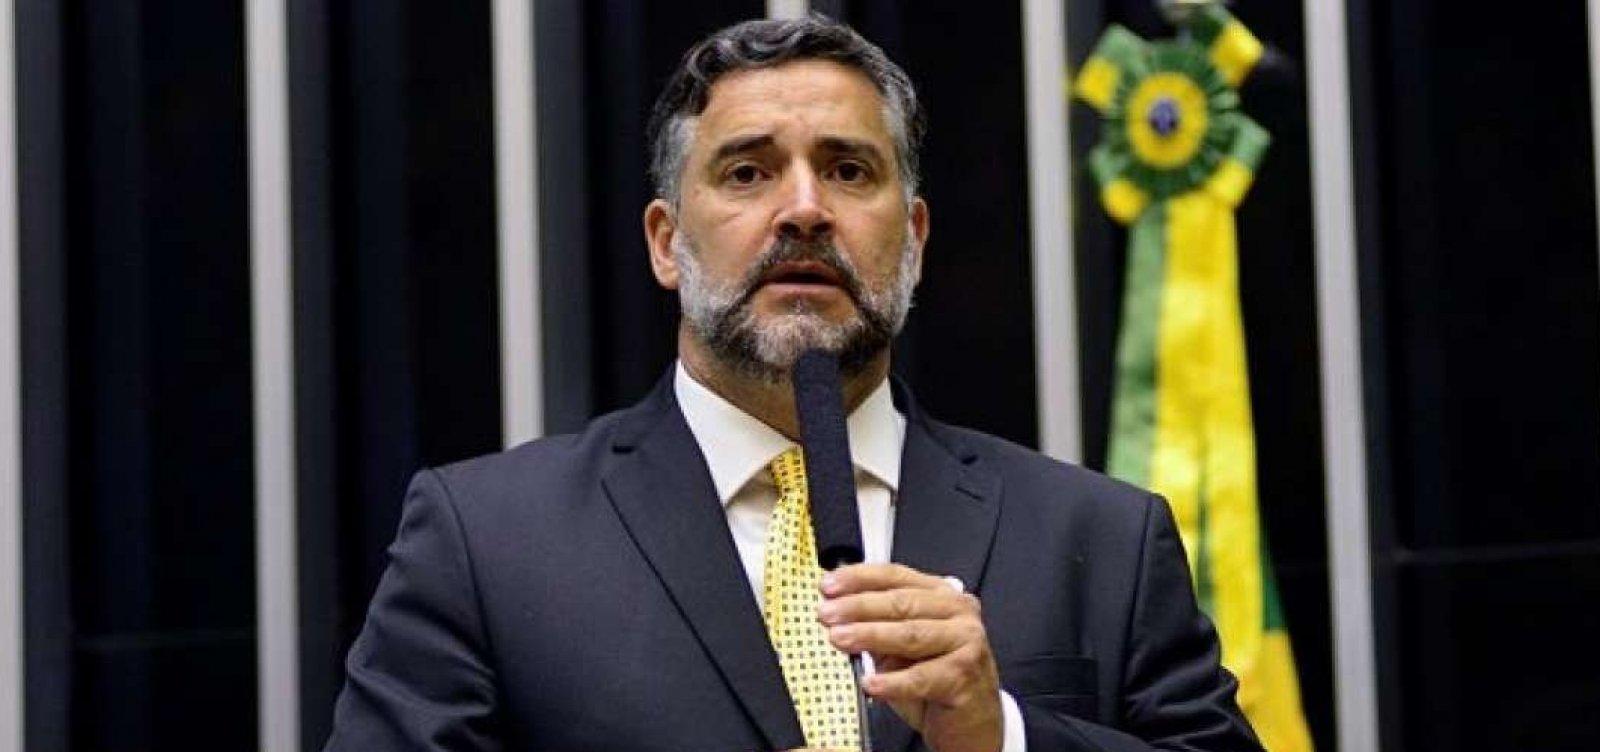 [Deputado do PT entra com ação para anular exoneração de Moro]